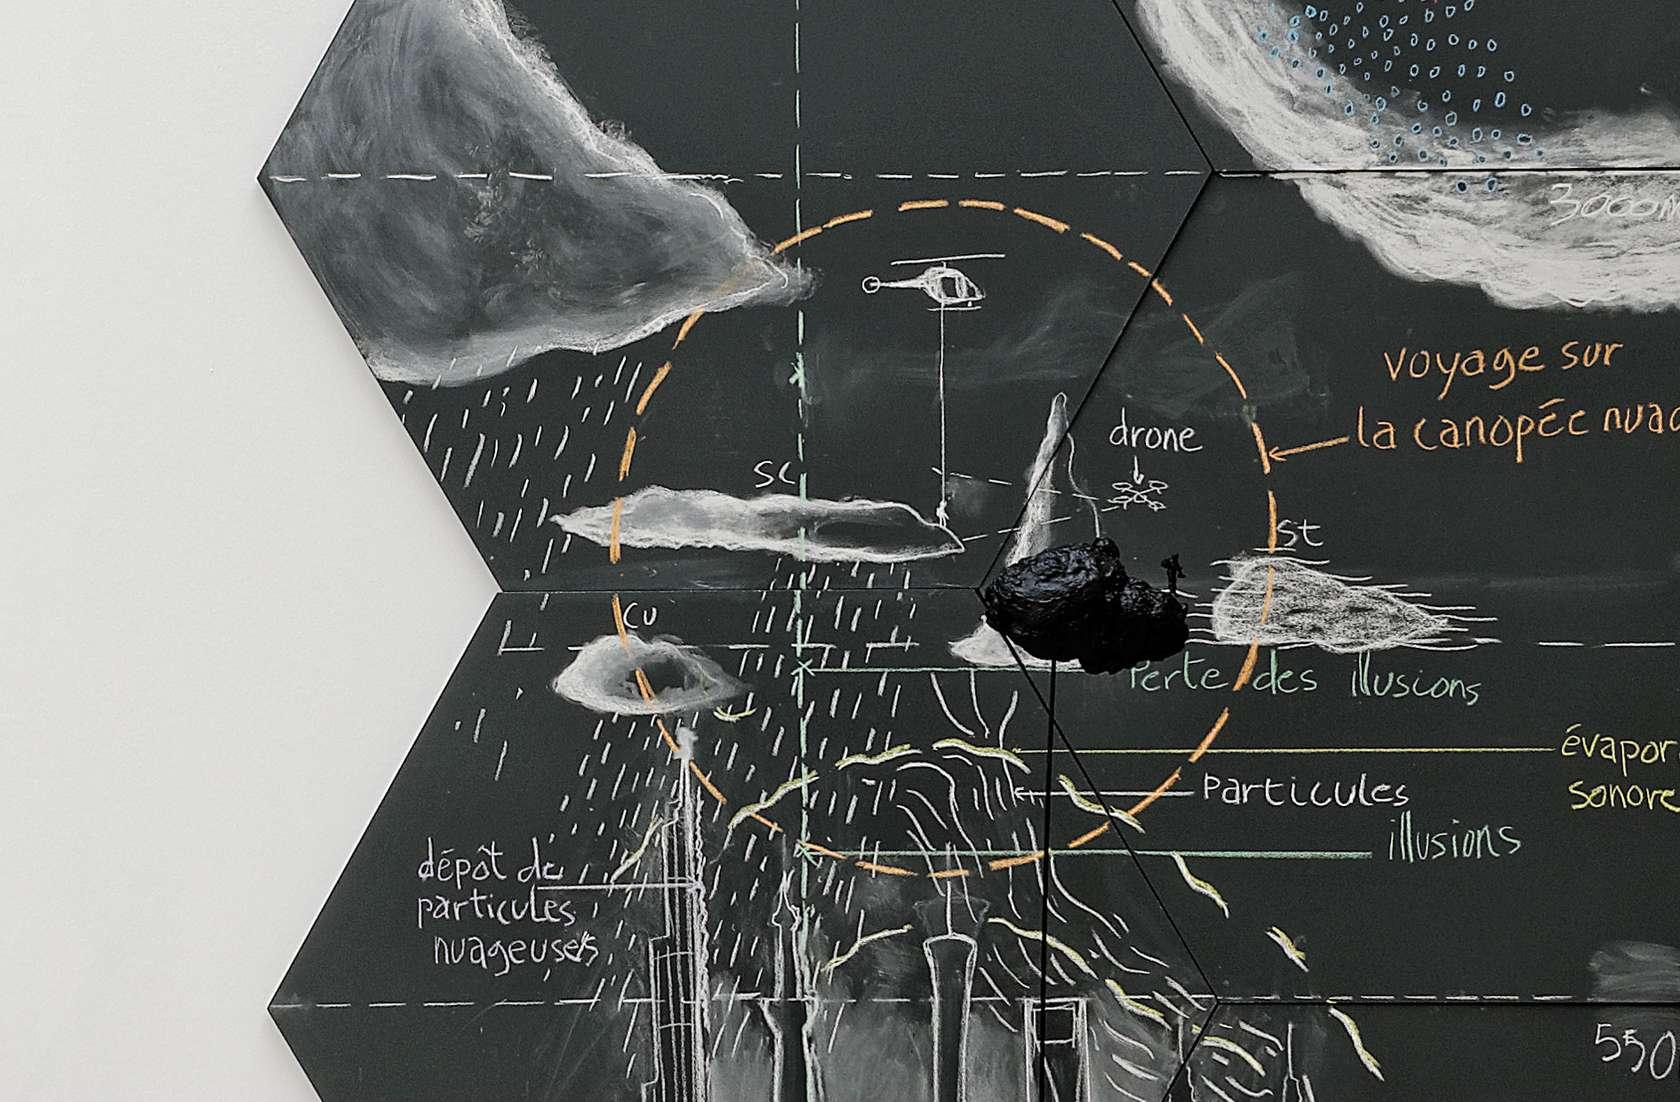 Abraham Poincheval, Étude pour marcher sur la canopée nuageuse, 2015 Des marches, démarches, FRAC Paca, Marseille (FR) 2 février - 10 mai 2020